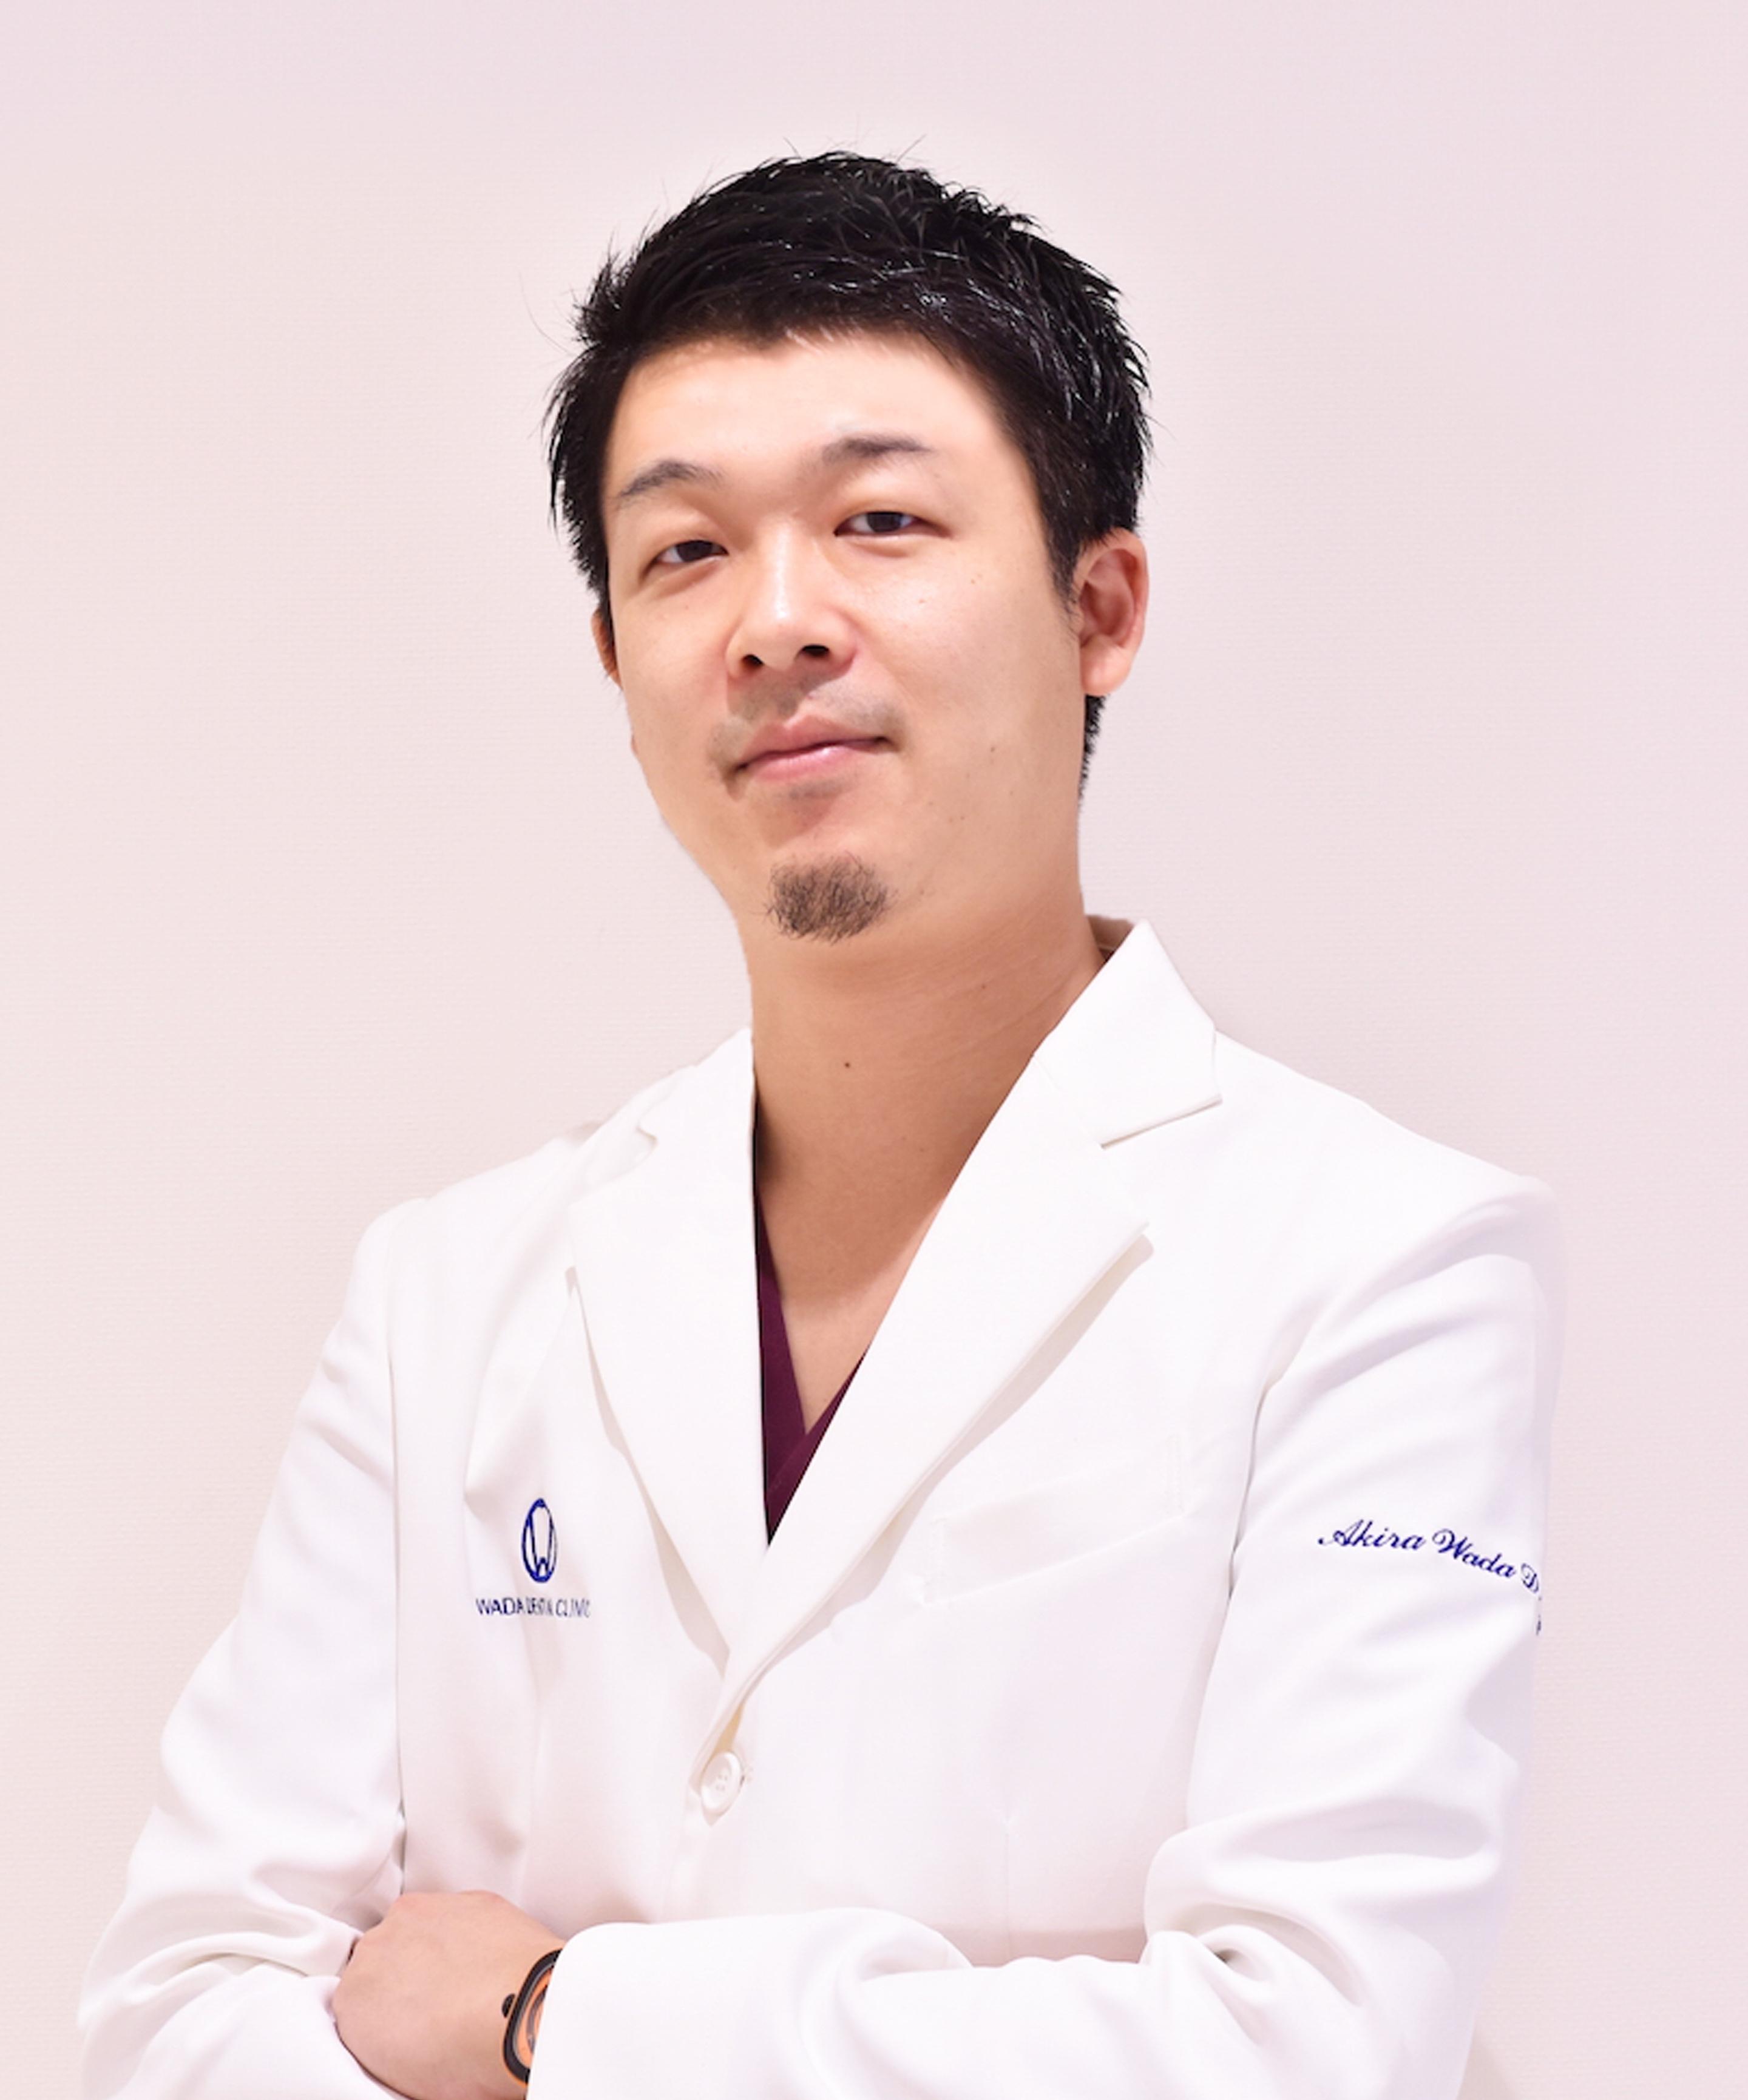 和田 晃 歯科医師 和田デンタルクリニック 院長